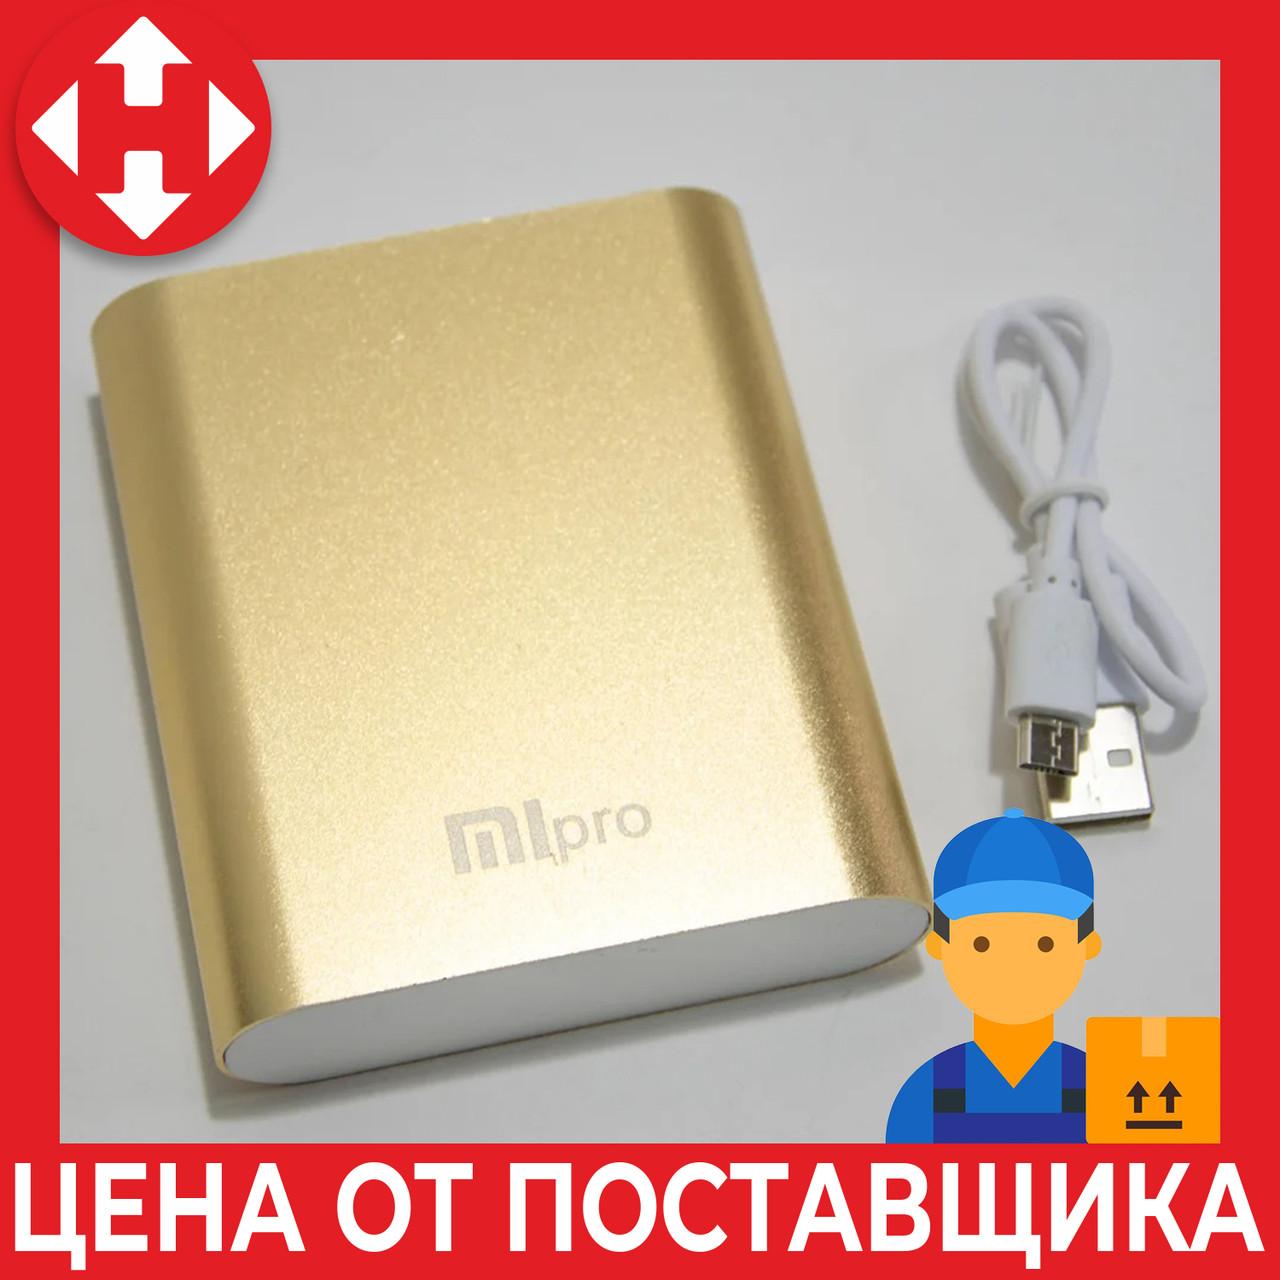 Пауэр банк, Xiaomi power bank, MiPro 2173, 10400 mAh, Gold, мощный повербанк для телефона